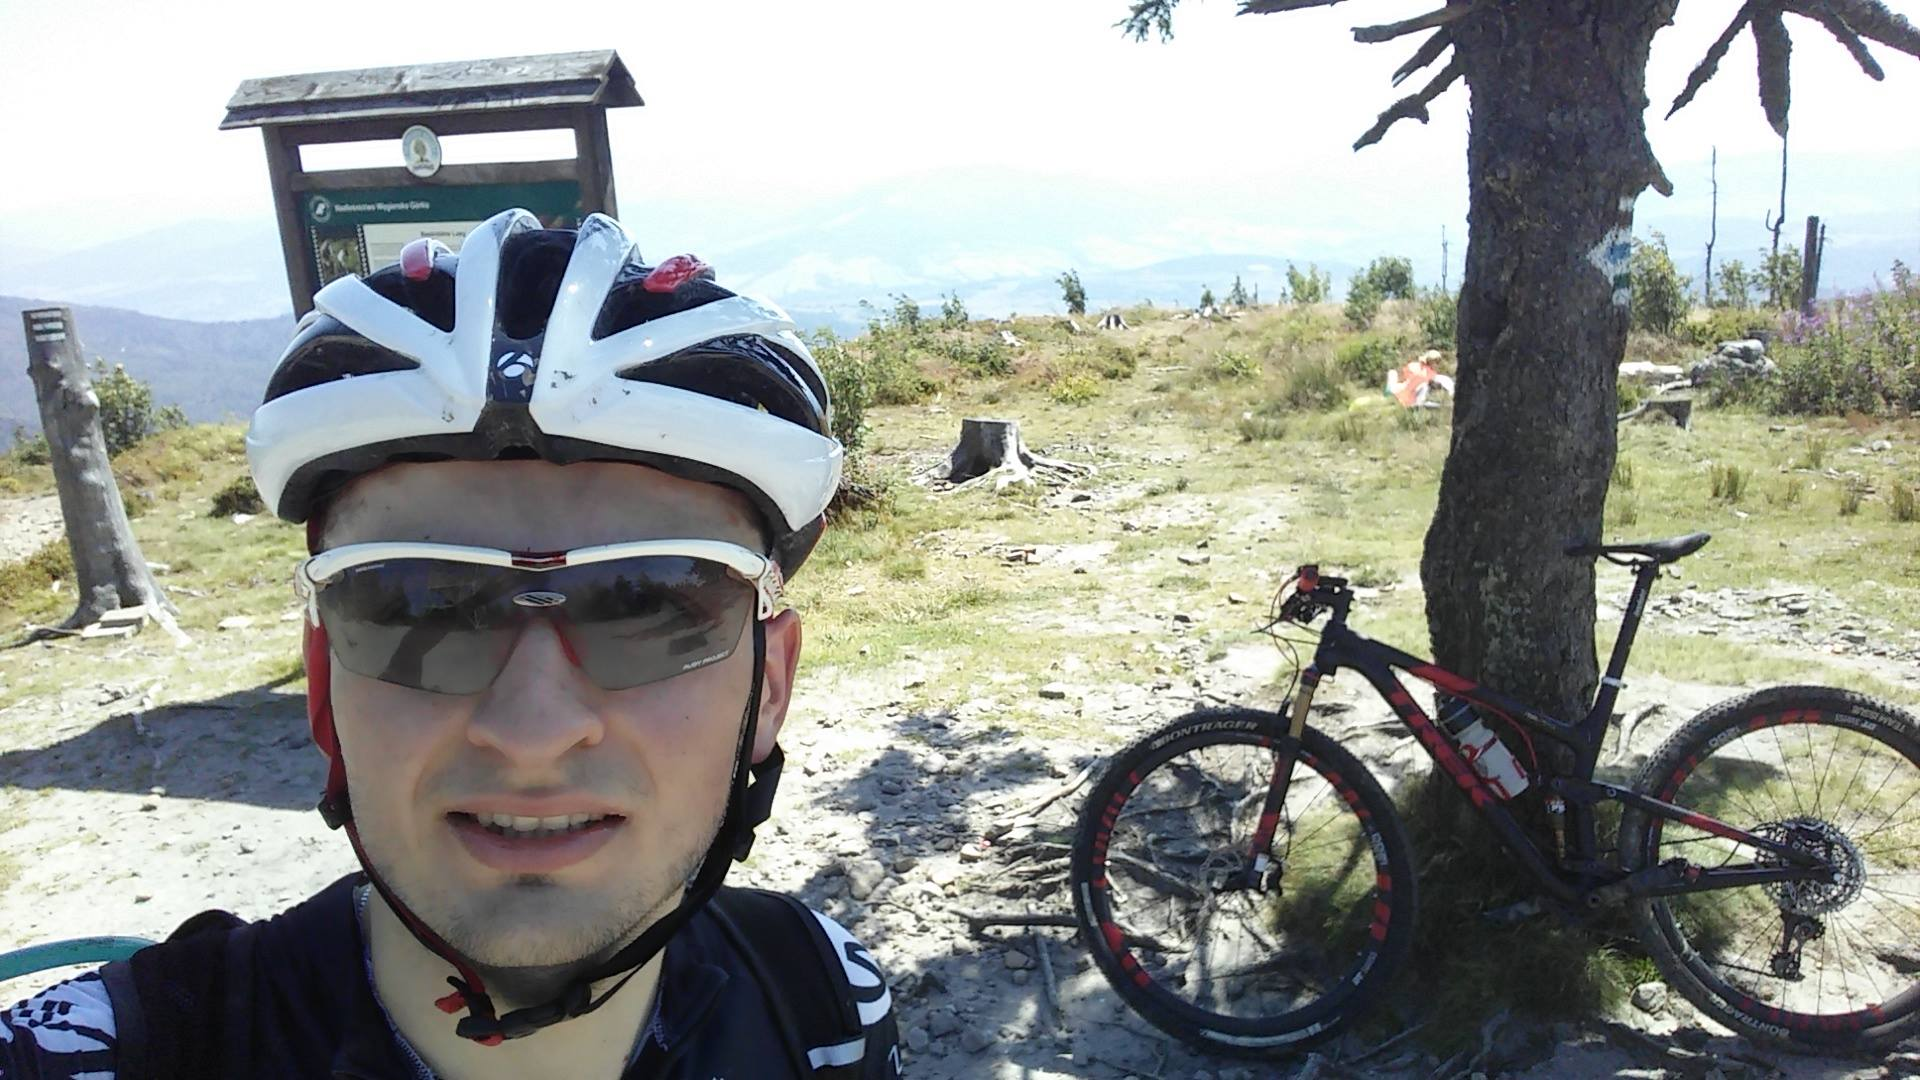 Paweł Kowalkowski (Centrum Rowerowe Olsztyn) o przygotowaniach do Mistrzostw Europy w maratonie MTB